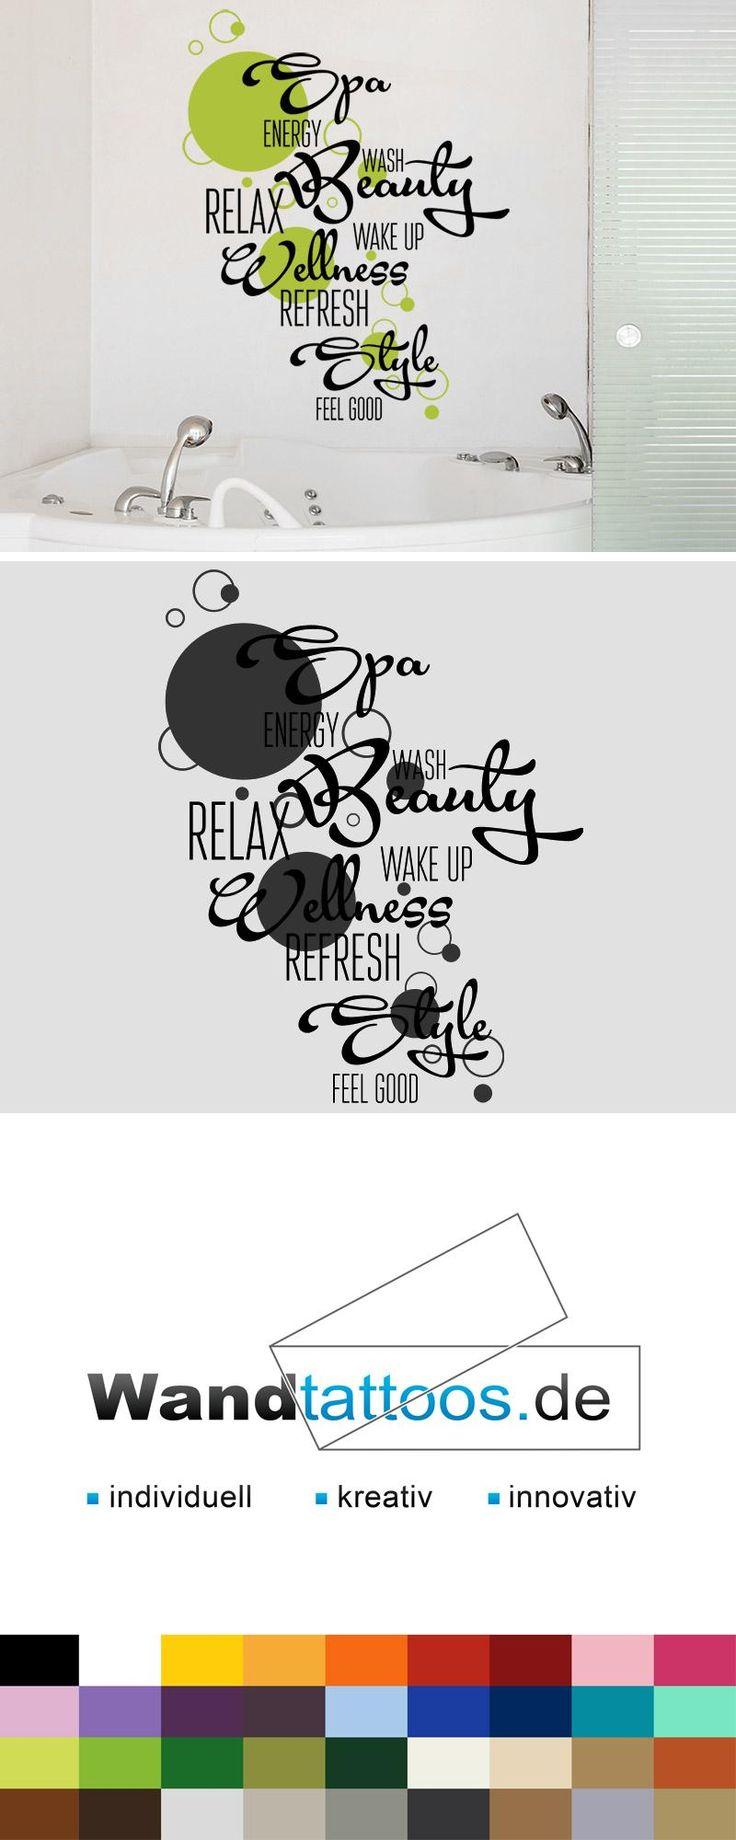 Wandtattoo Badezimmer Wortwolke als Idee zur individuellen Wandgestaltung. Einfach Lieblingsfarbe und Größe auswählen. Weitere kreative Anregungen von Wandtattoos.de hier entdecken!